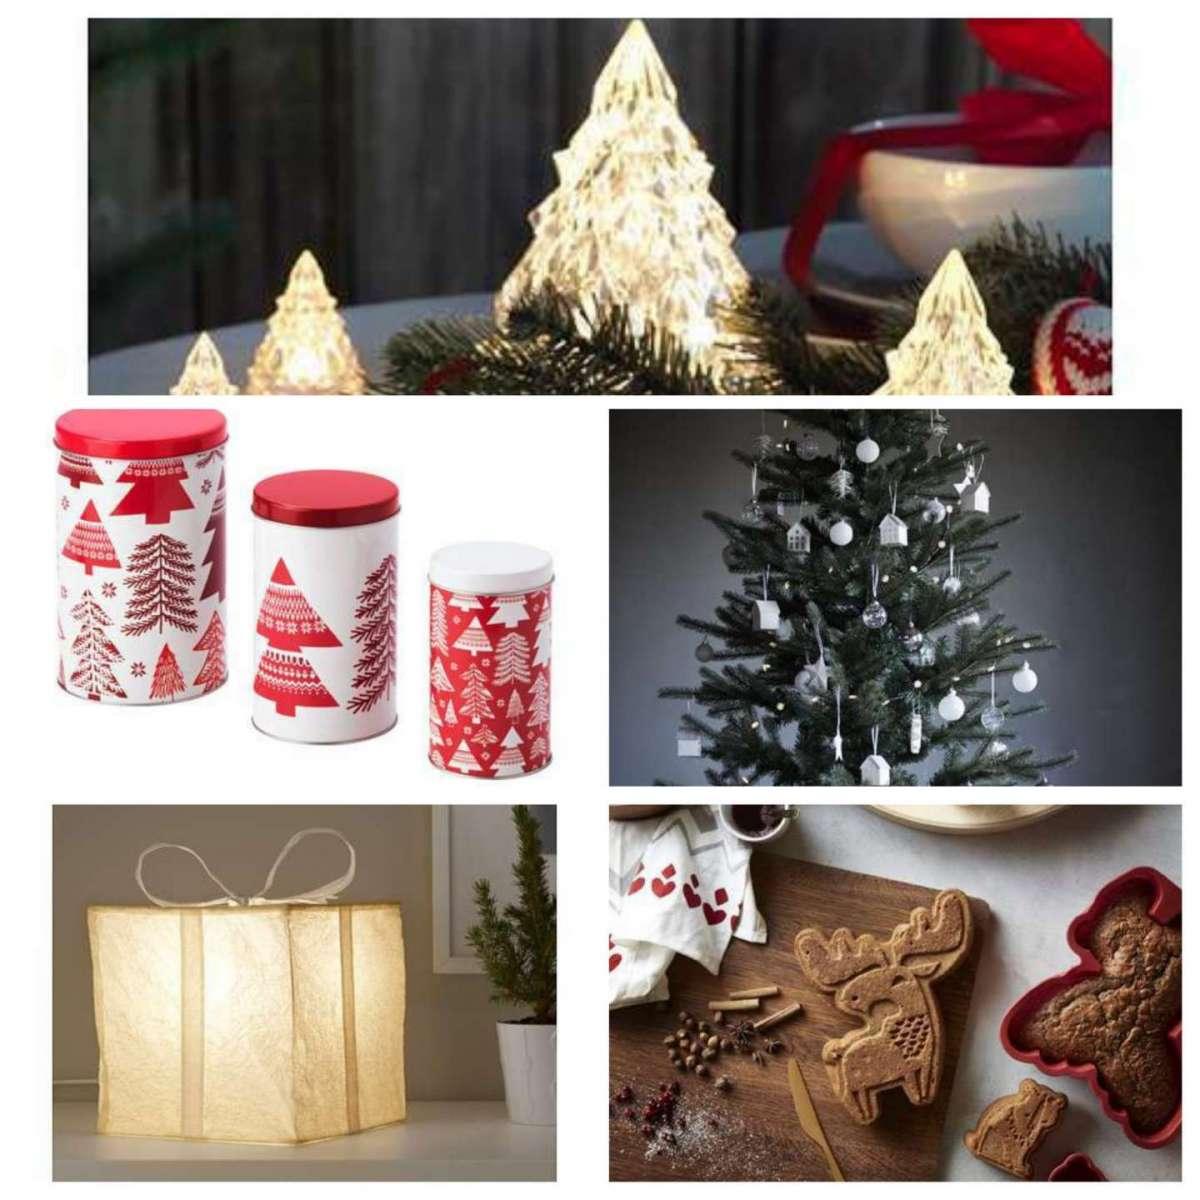 Accessori Natale.Ikea Natale 2017 Le Decorazioni E Gli Accessori A Tema